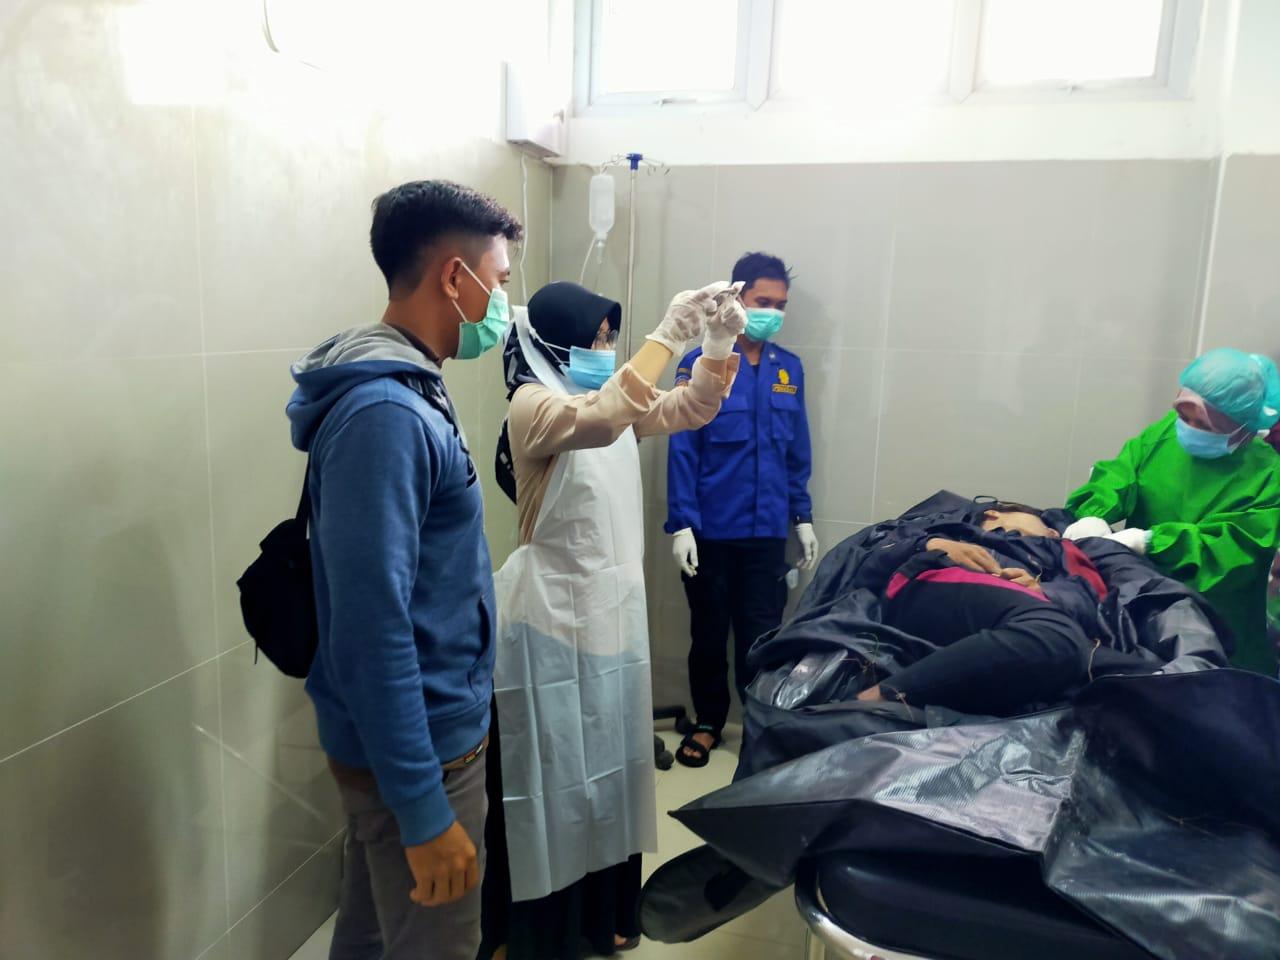 Dua Hari Tergeletak di Dalam Jurang Janzah Pendaki Gunung Rinjani Asal Jatim Berhasil di Temukan dan Di Evakuasi Tim Gabungan